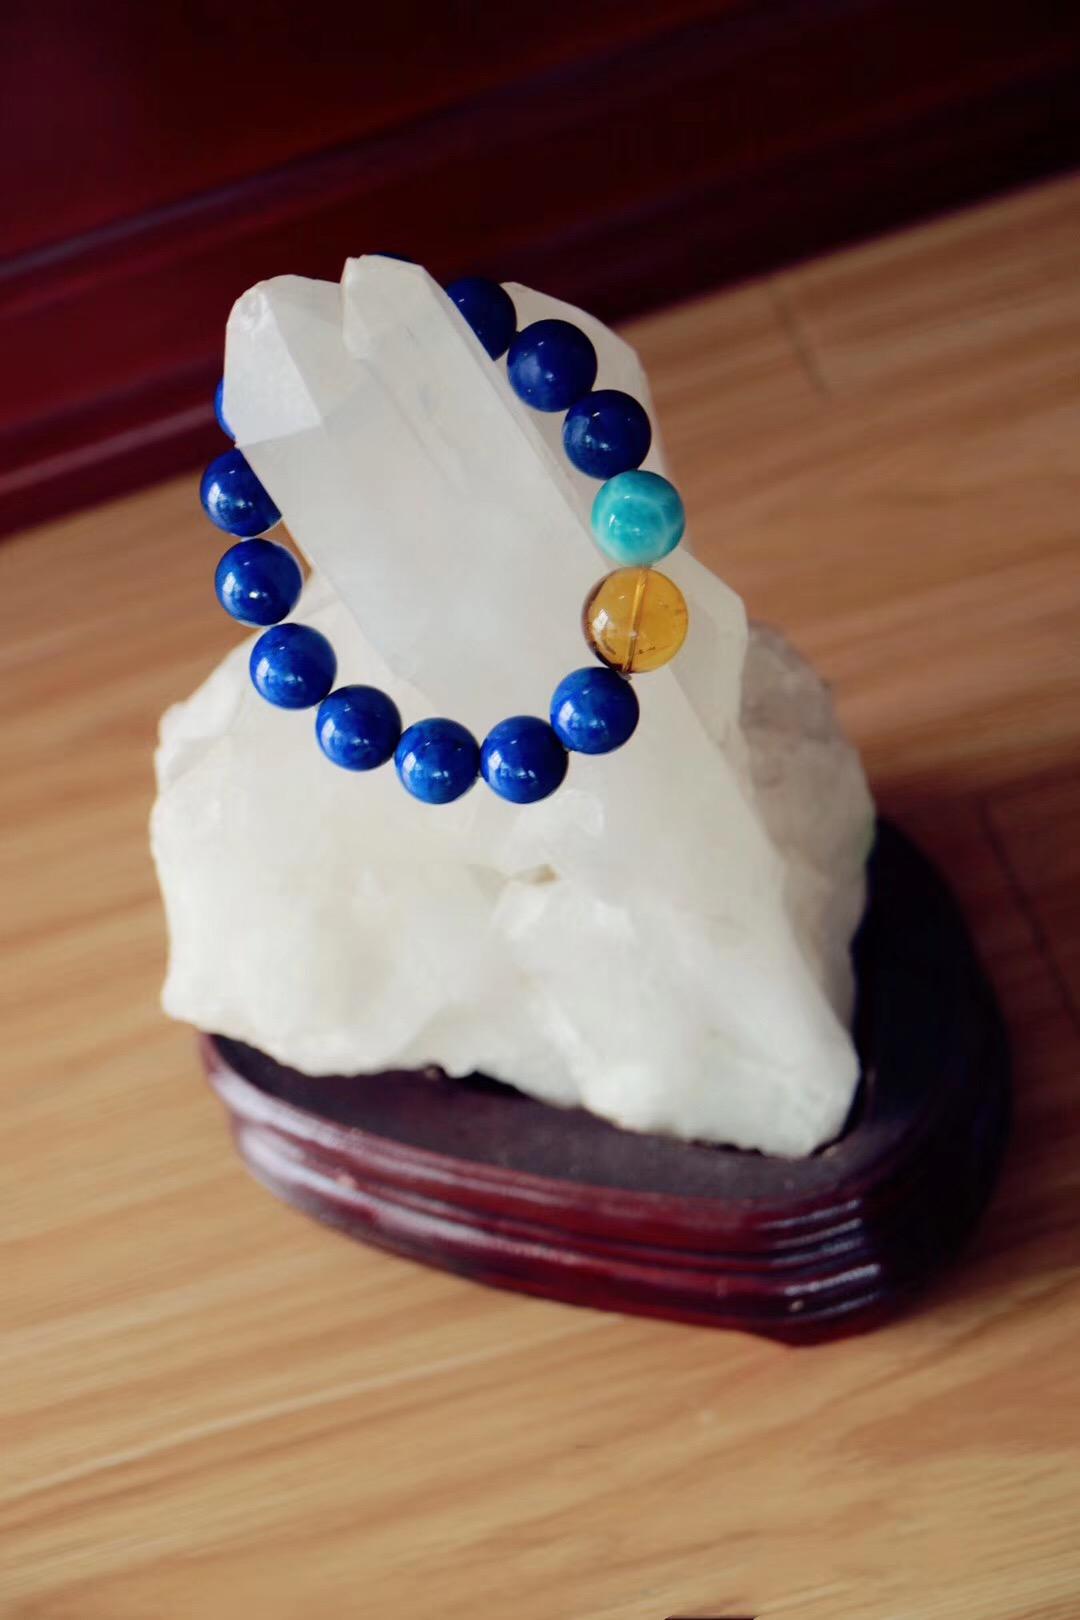 菩心-白水晶簇,白水晶主净化,是所有晶石中消磁效果最彻底的-菩心晶舍